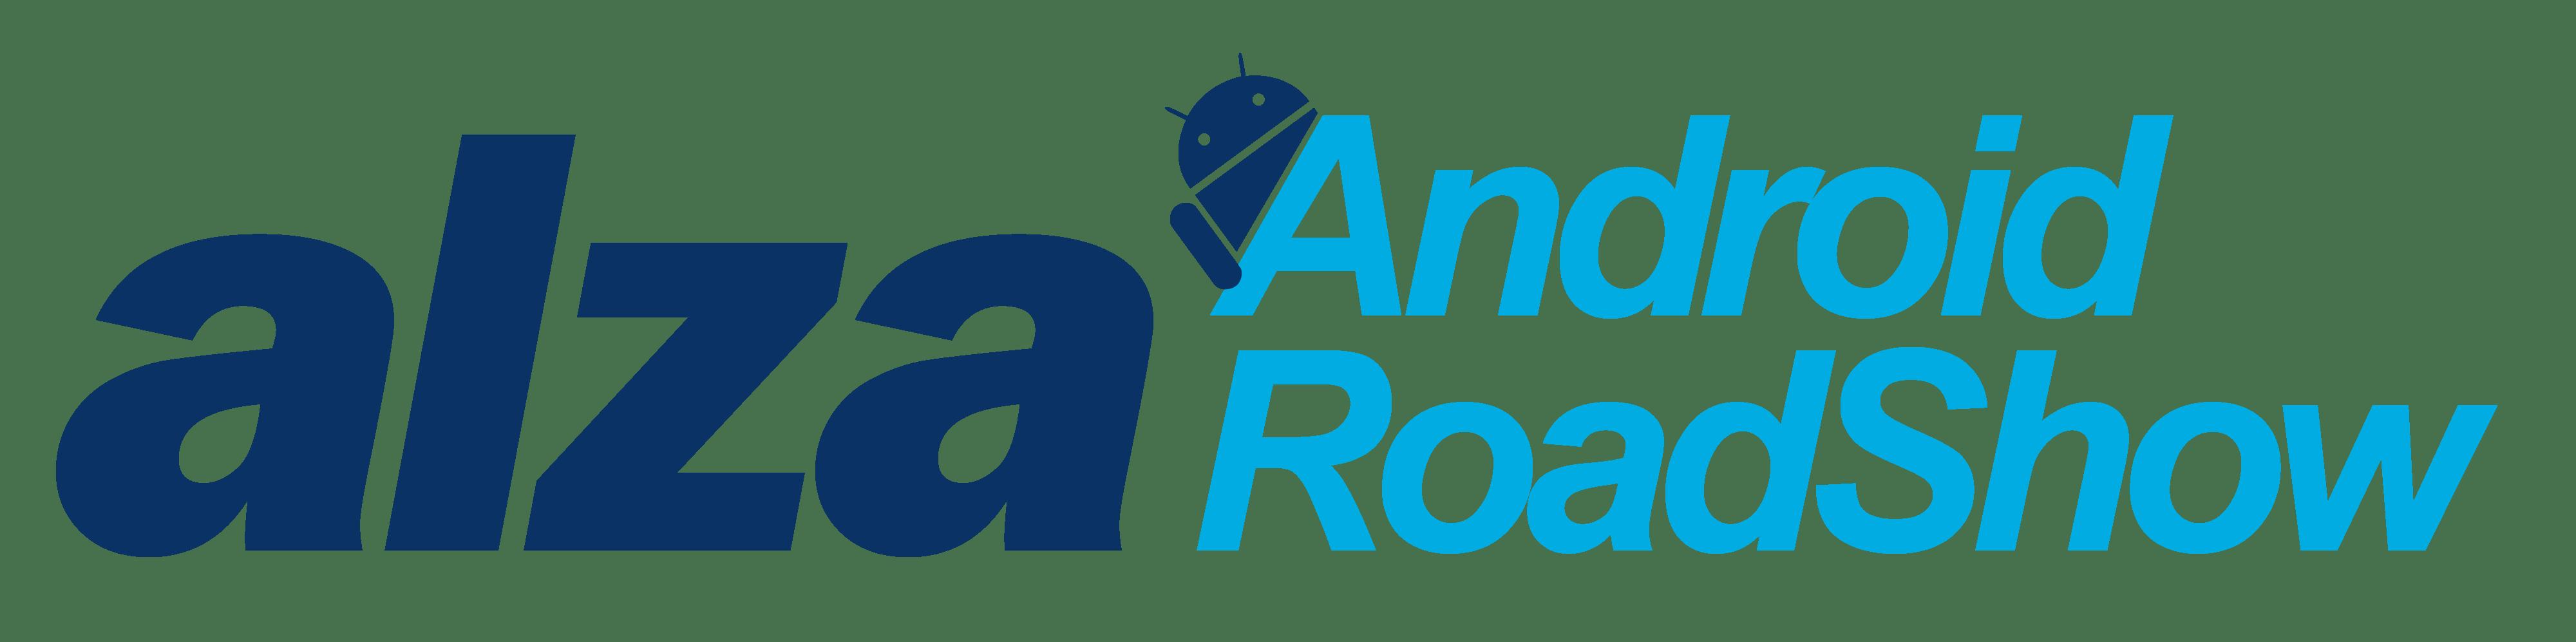 Alza Android RoadShow-01 c7cda69377